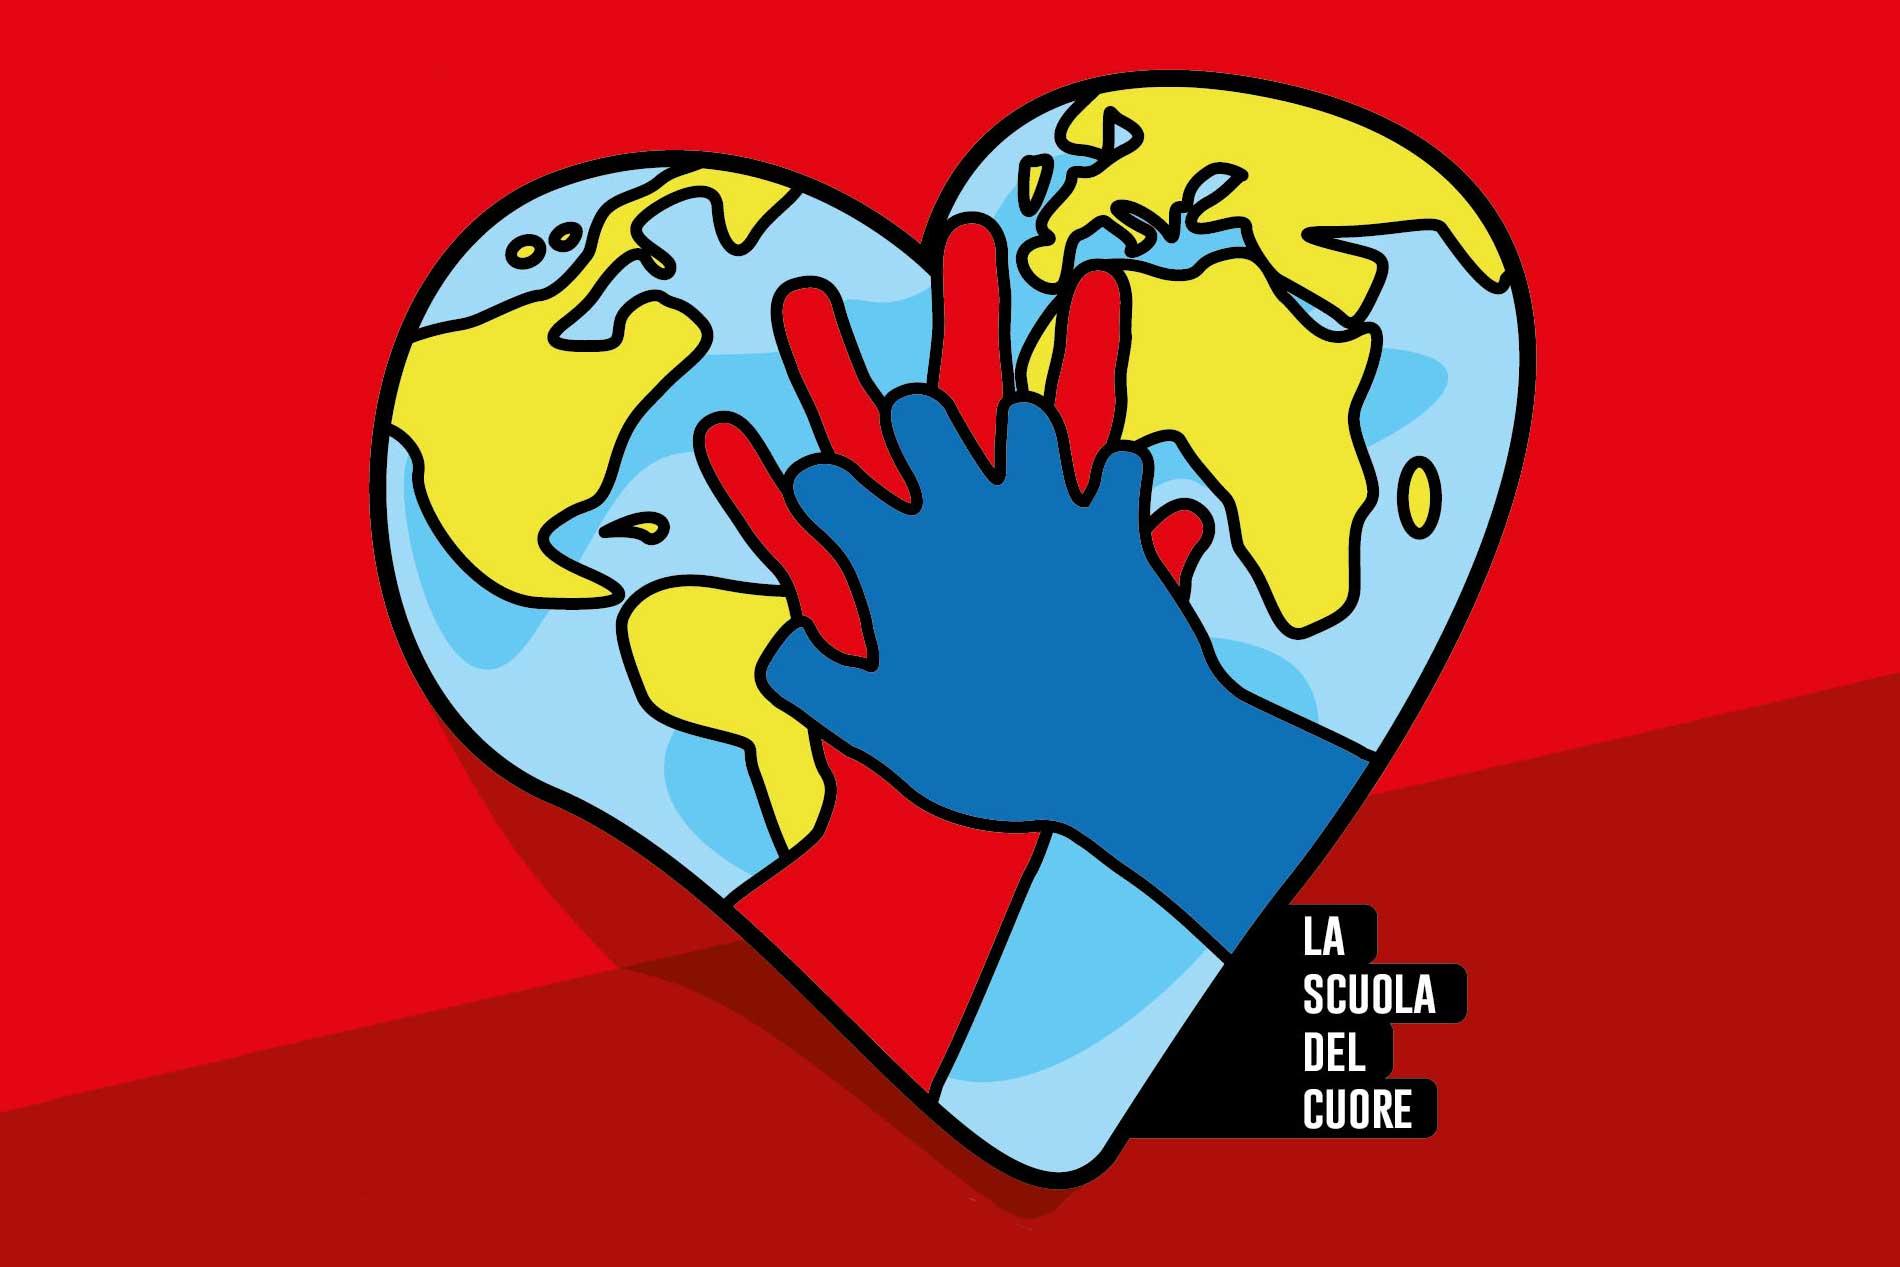 World Restart a Heart Day 2021